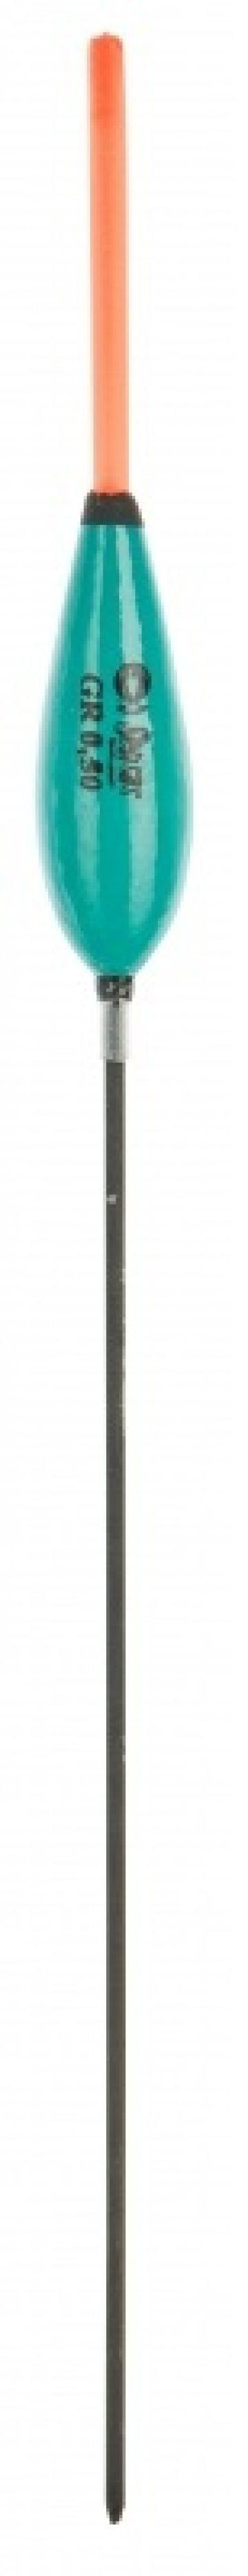 Sensas MAMMOTH PASSANT CLASSIC zwart - groen witvis visdobber 0.20g